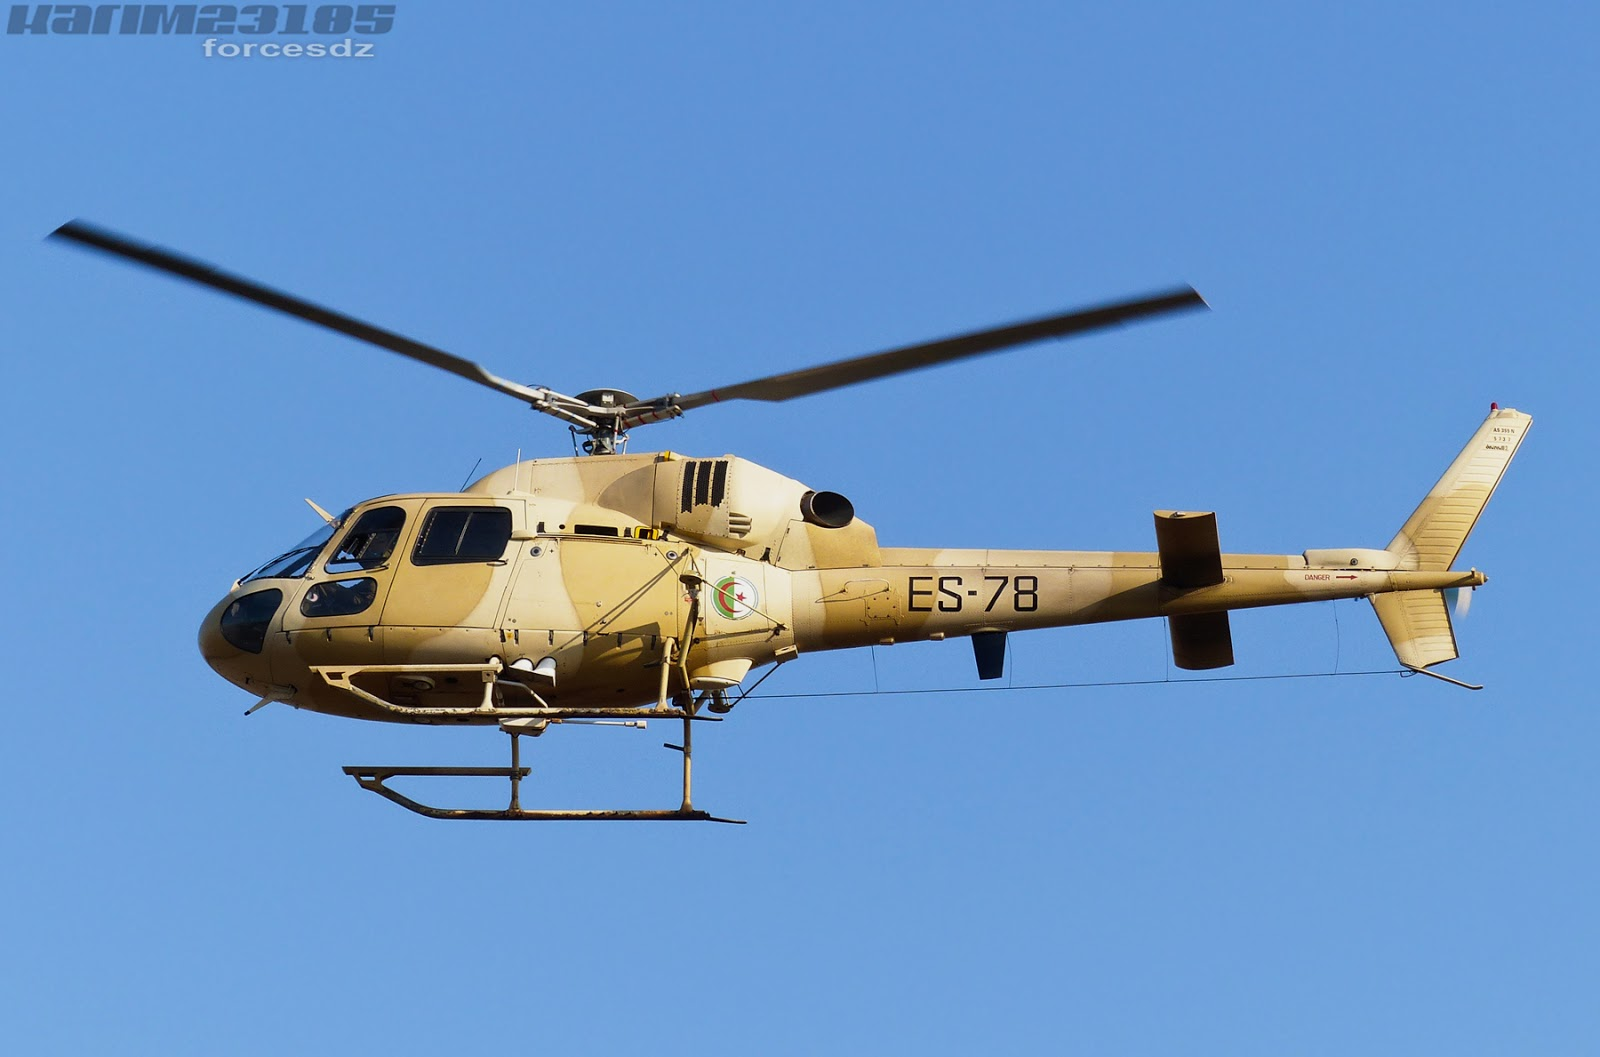 صور مروحيات القوات الجوية الجزائرية Ecureuil/Fennec ] AS-355N2 / AS-555N ] - صفحة 3 P1060612